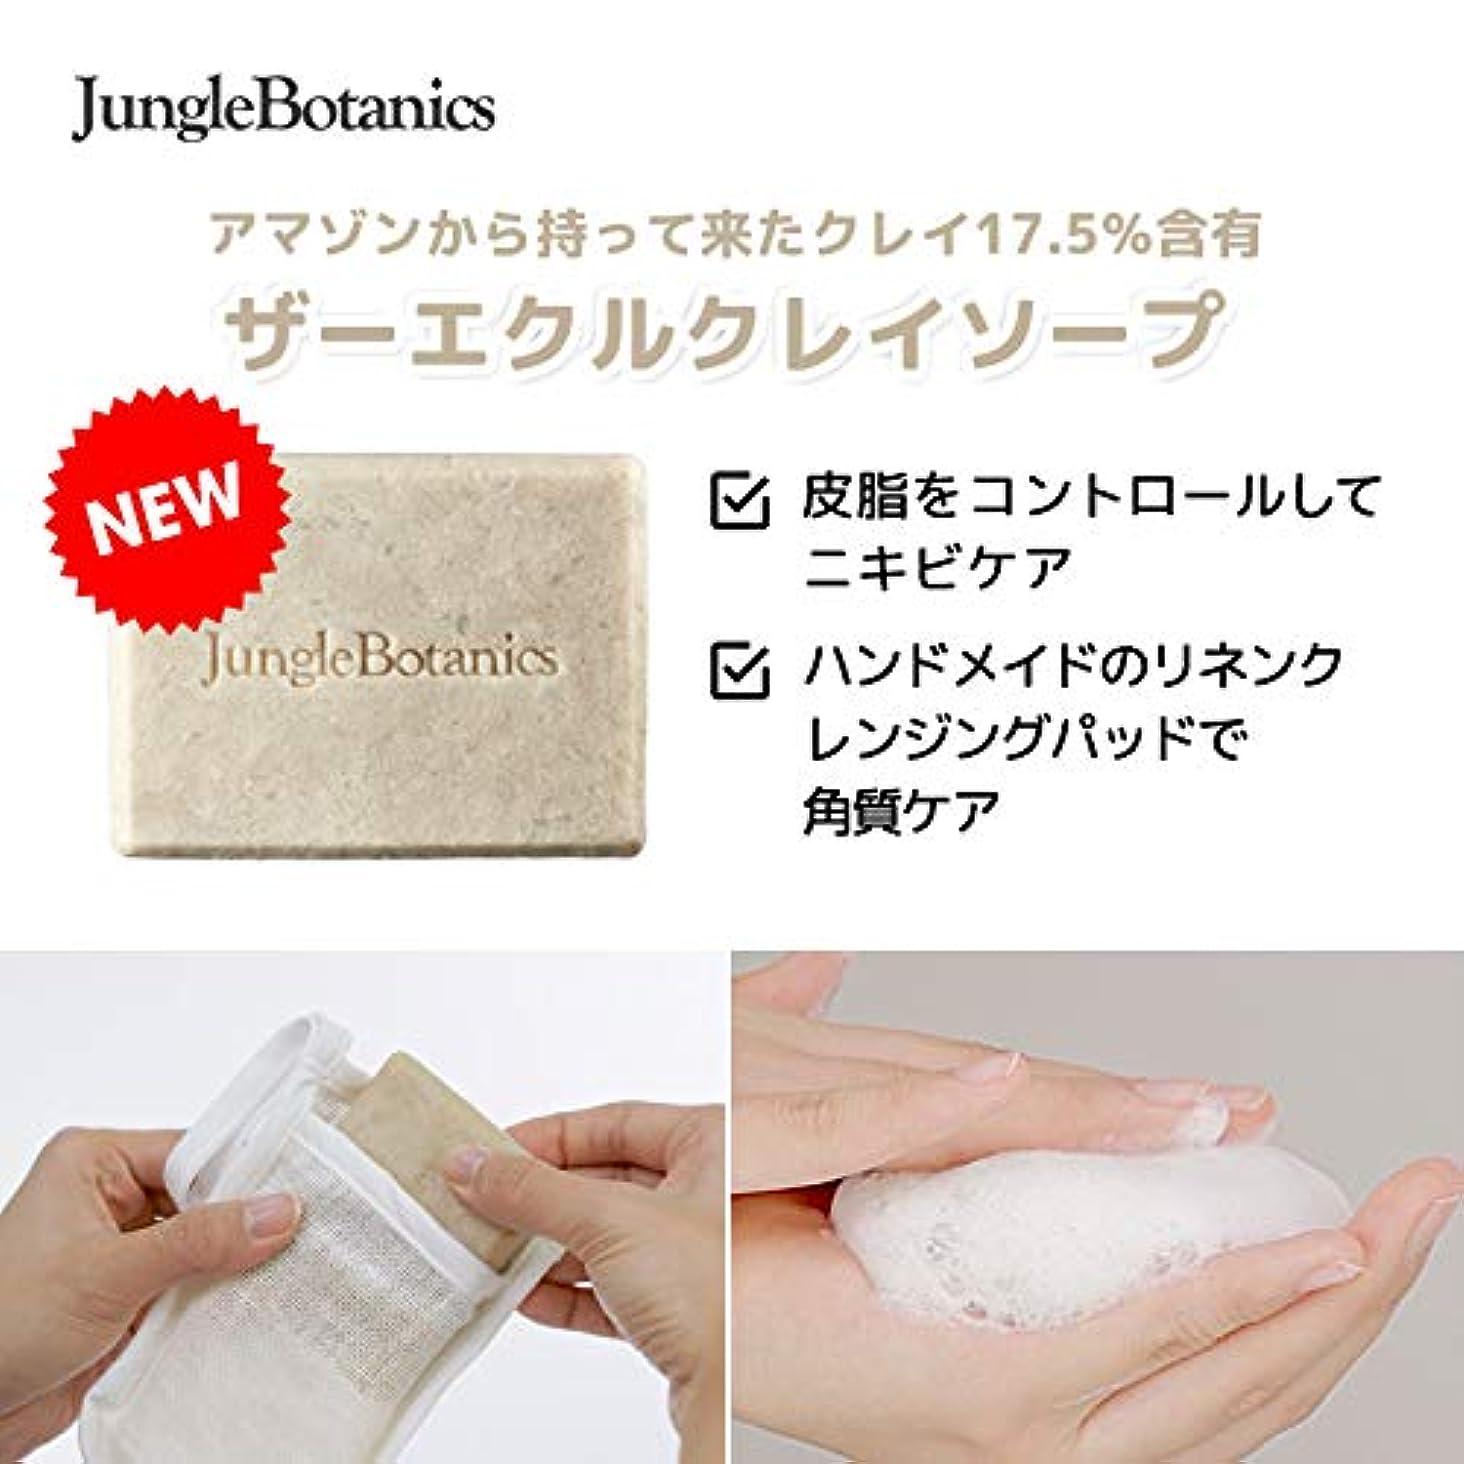 ハイブリッドノミネート手を差し伸べる[JUNGLE BOTANICS] ザーエクルクレイソープ110g, [JUNGLE BOTANICS] The Ecru Clay Soap 110g [並行輸入品] …